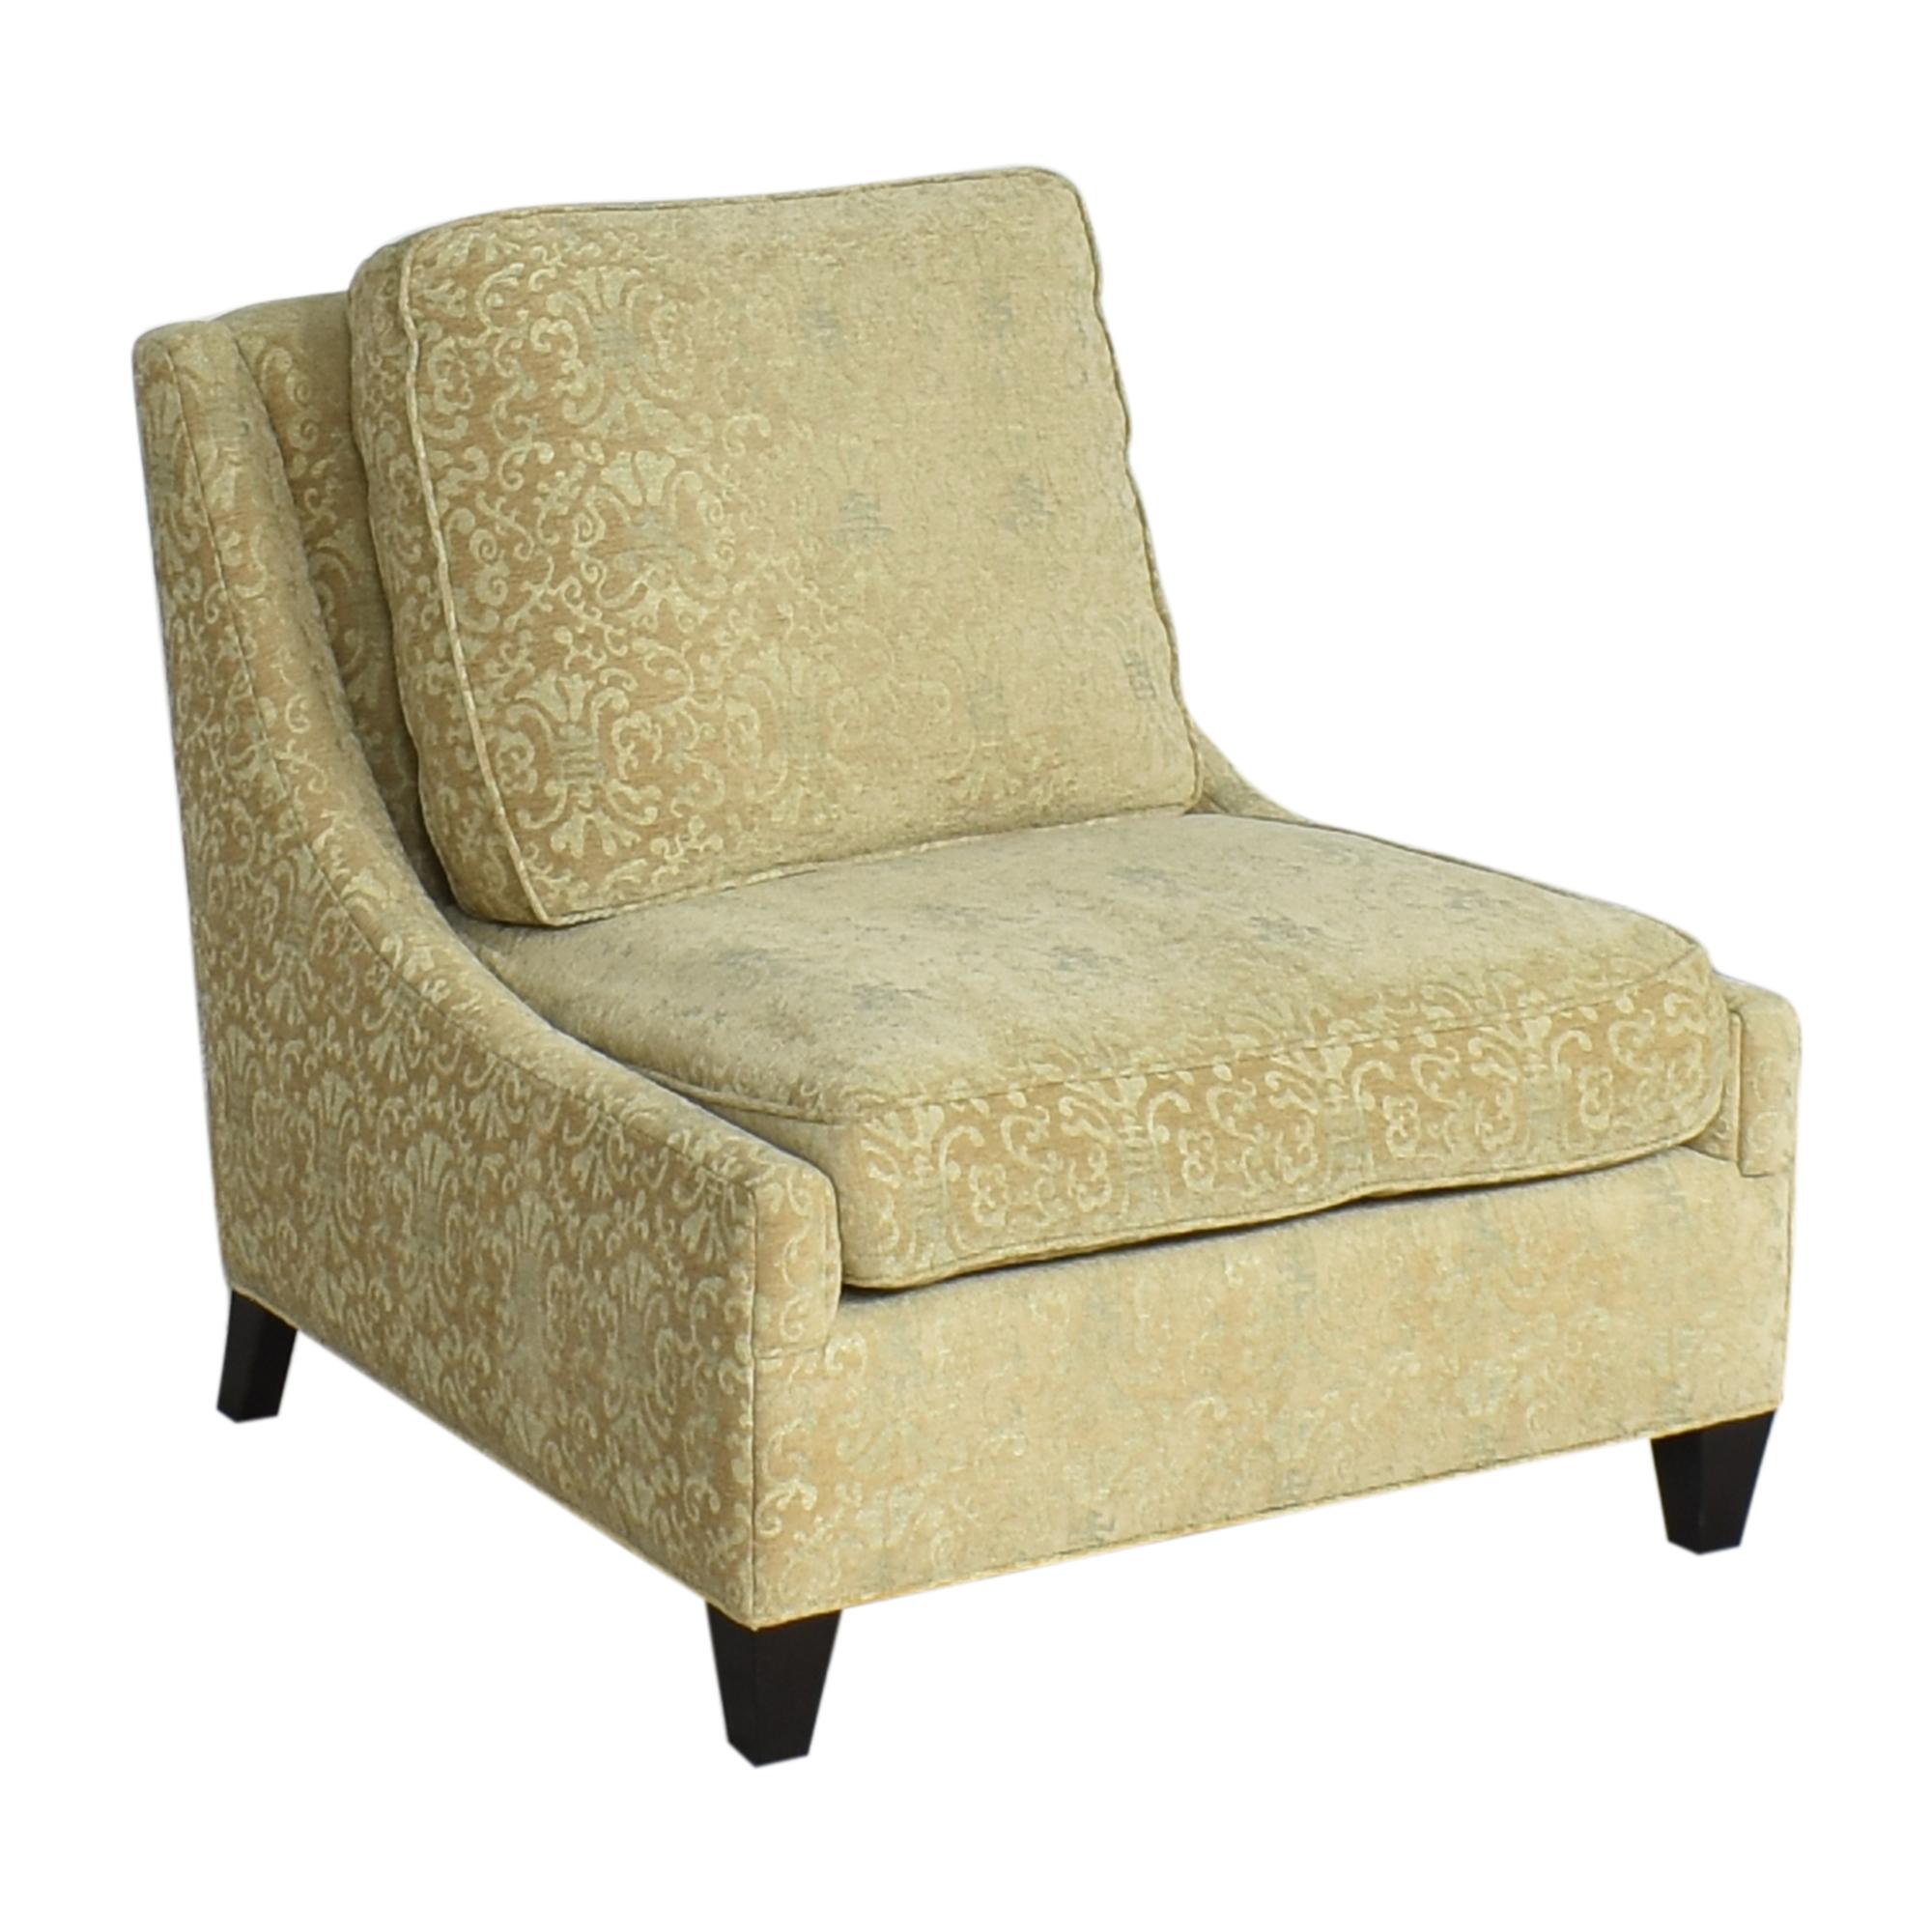 Stewart Furniture Stewart Furniture Slipper Chair on sale